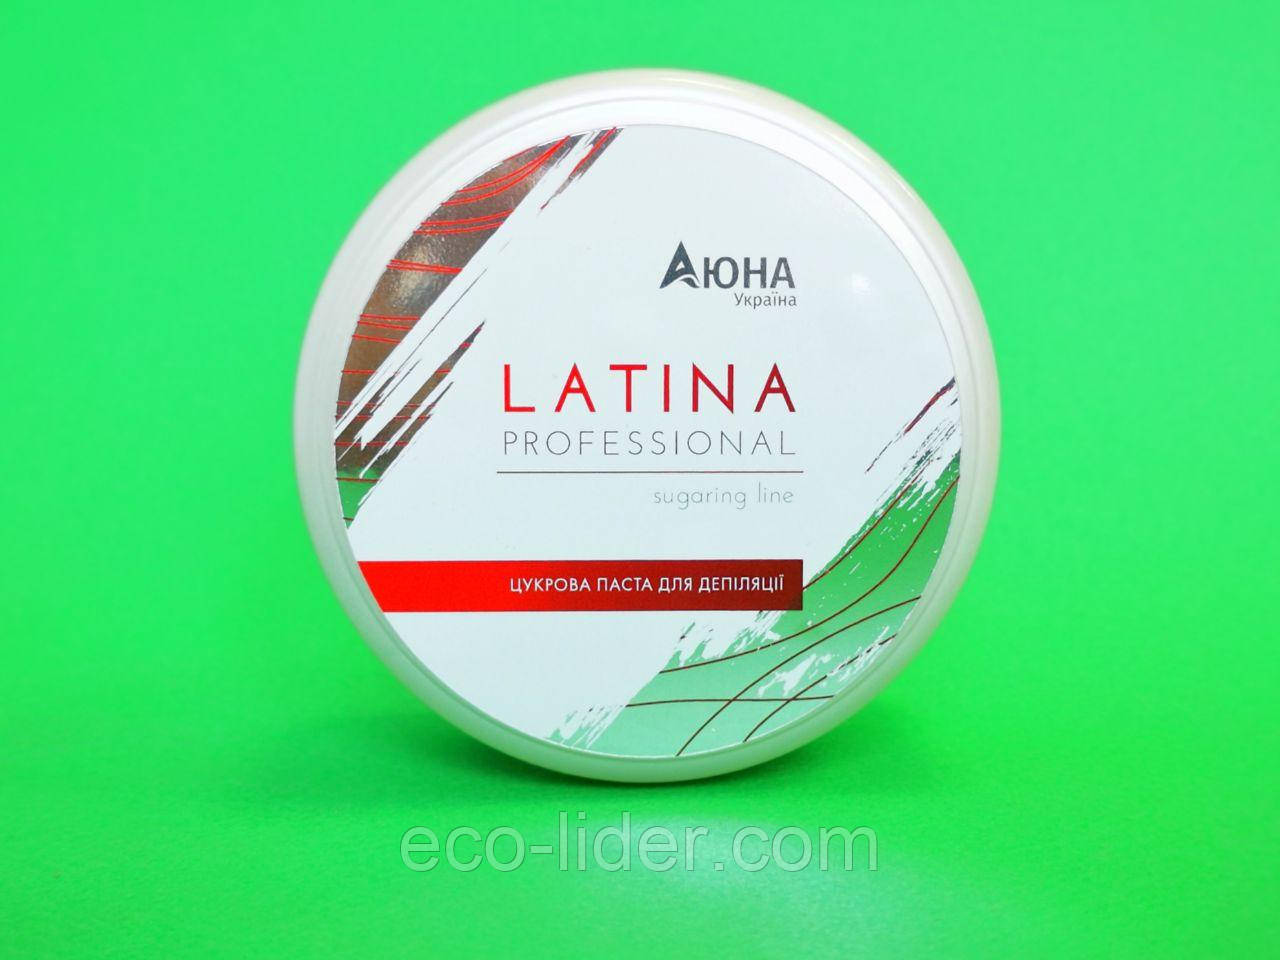 Сахарная паста Latina (Бразилия) АЮНА, очень плотная - 4, 350 г